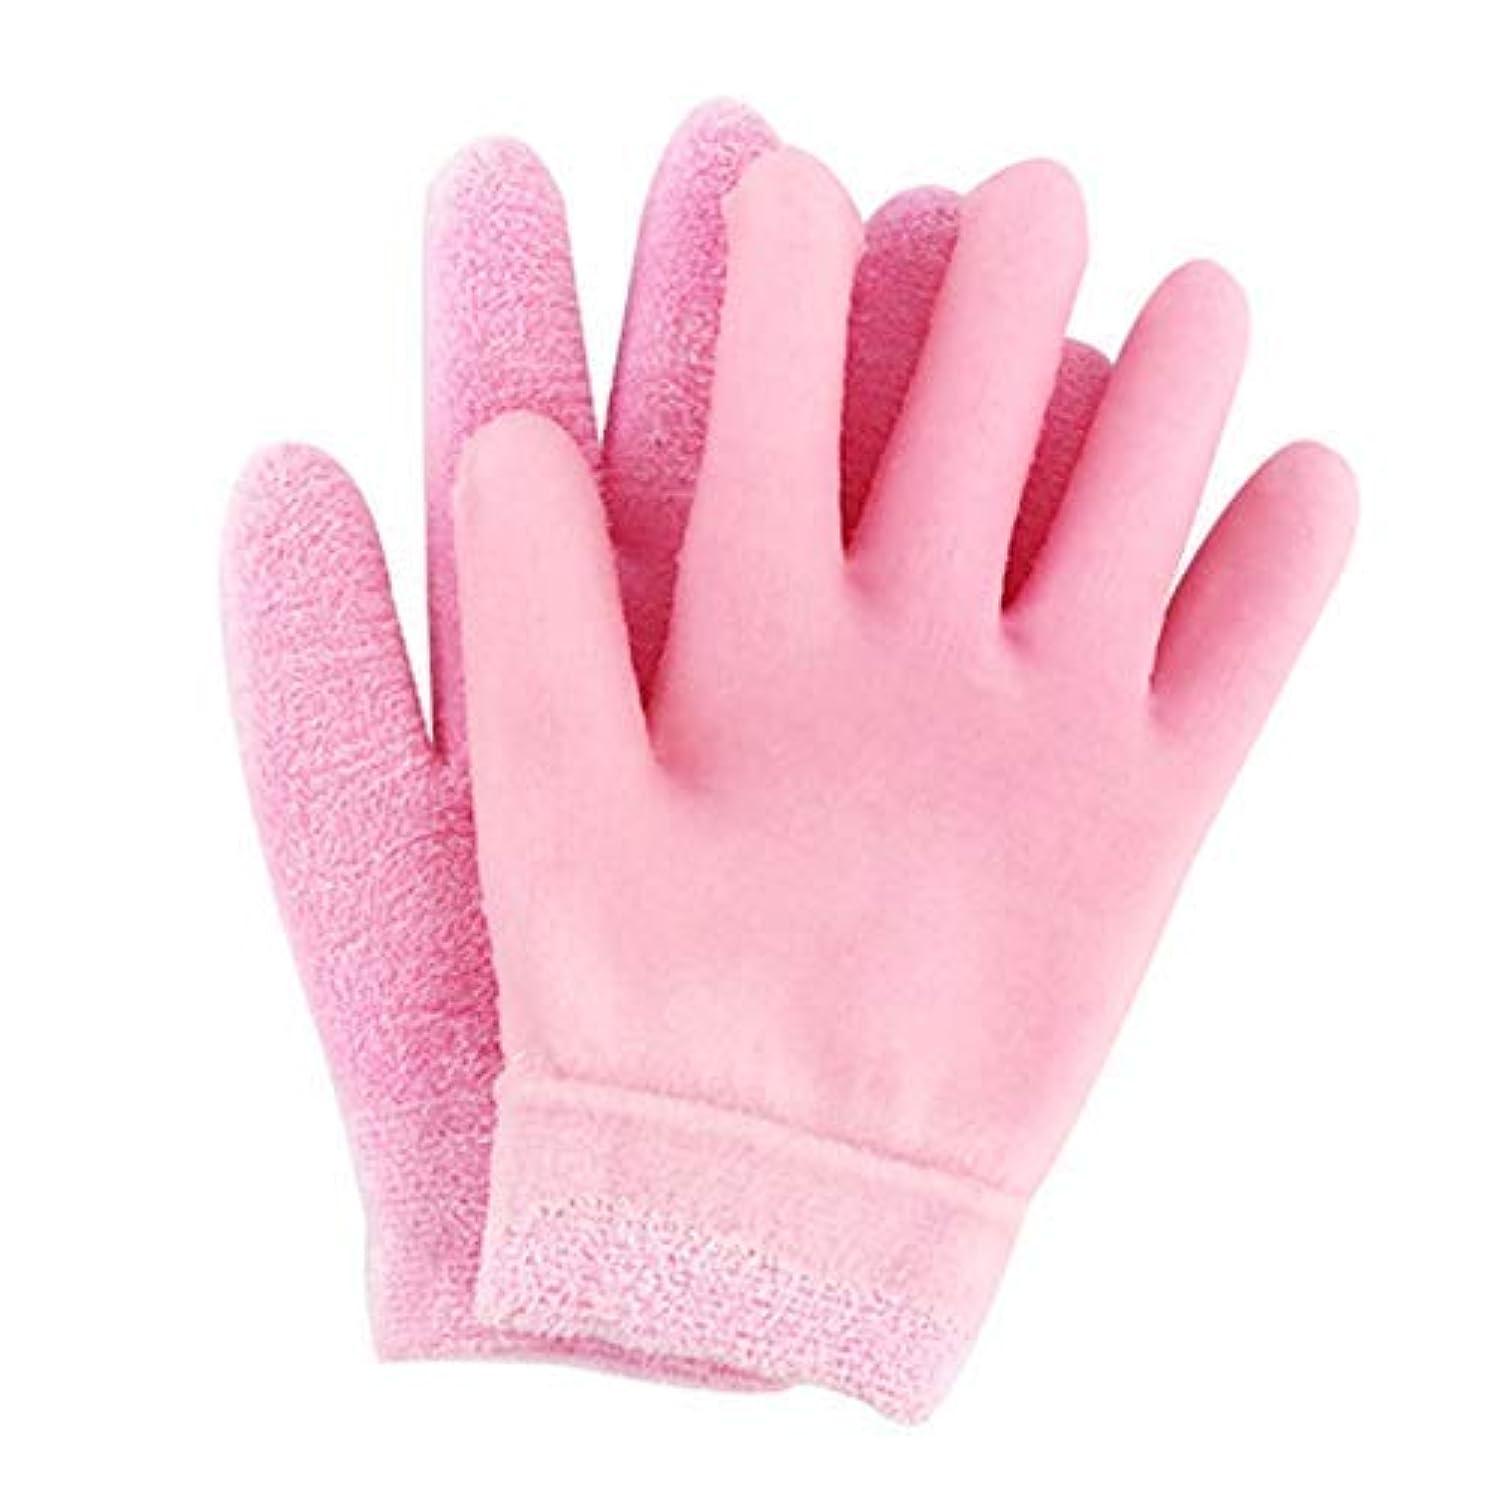 たらいイライラする脱臼するSimg 美容 保湿 手袋 ハイドロ ジェル グローブ 手荒れ対策 フリーサイズ